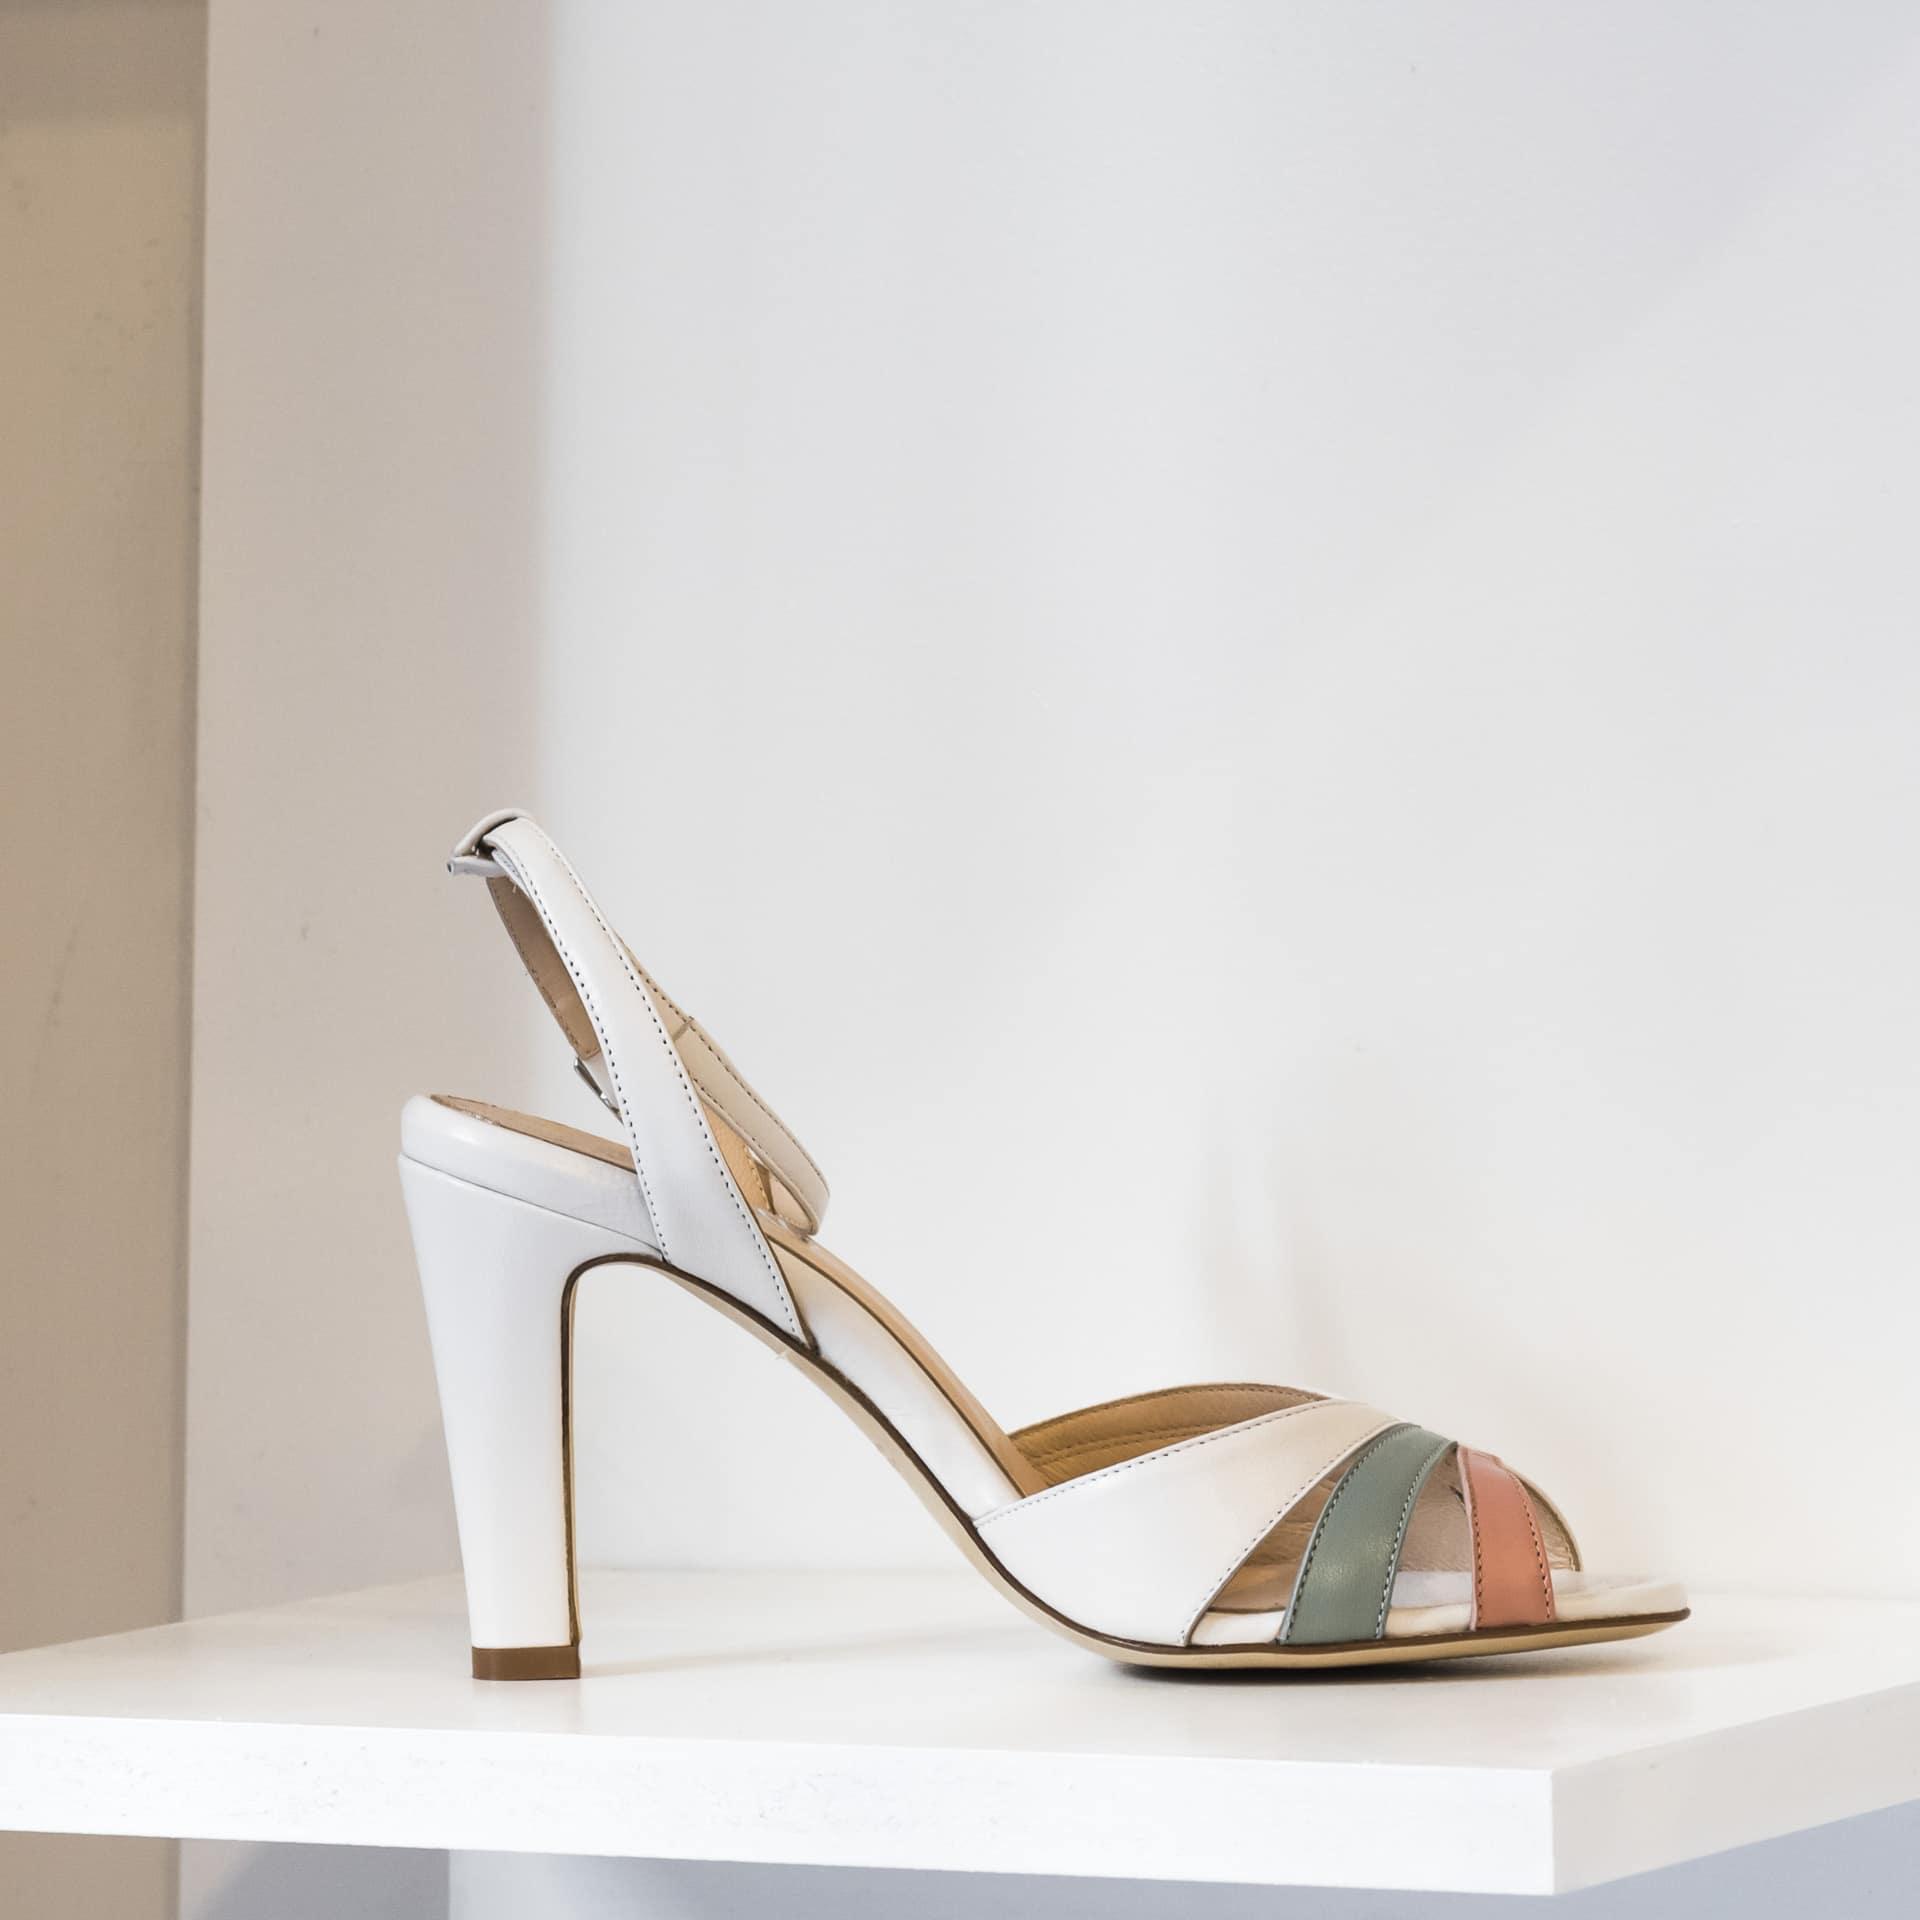 La Belle Shoes sandalo alto anni '80 (2)